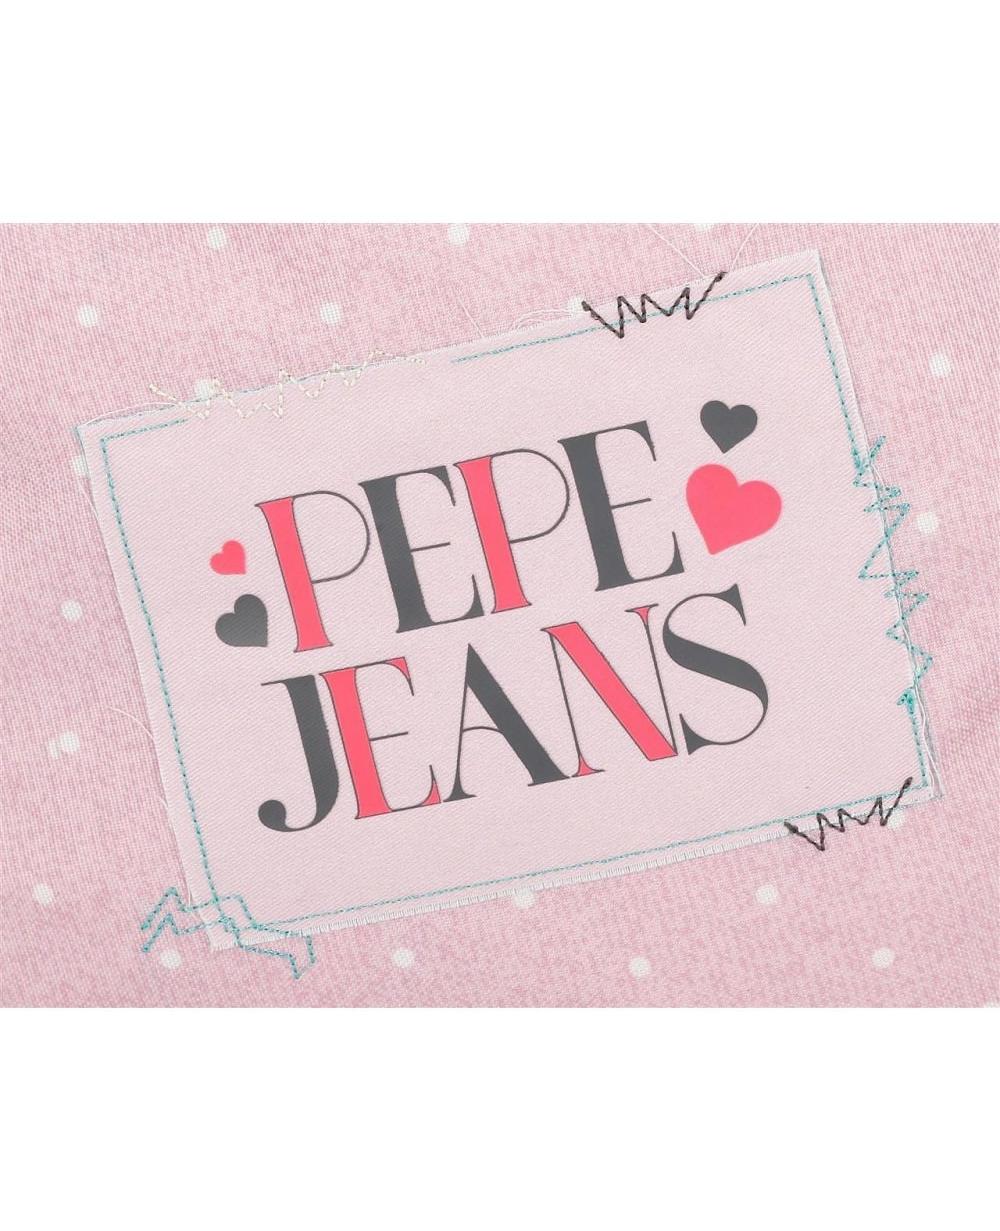 Pepe Jeans Olaia Neceser Rosa (Foto )